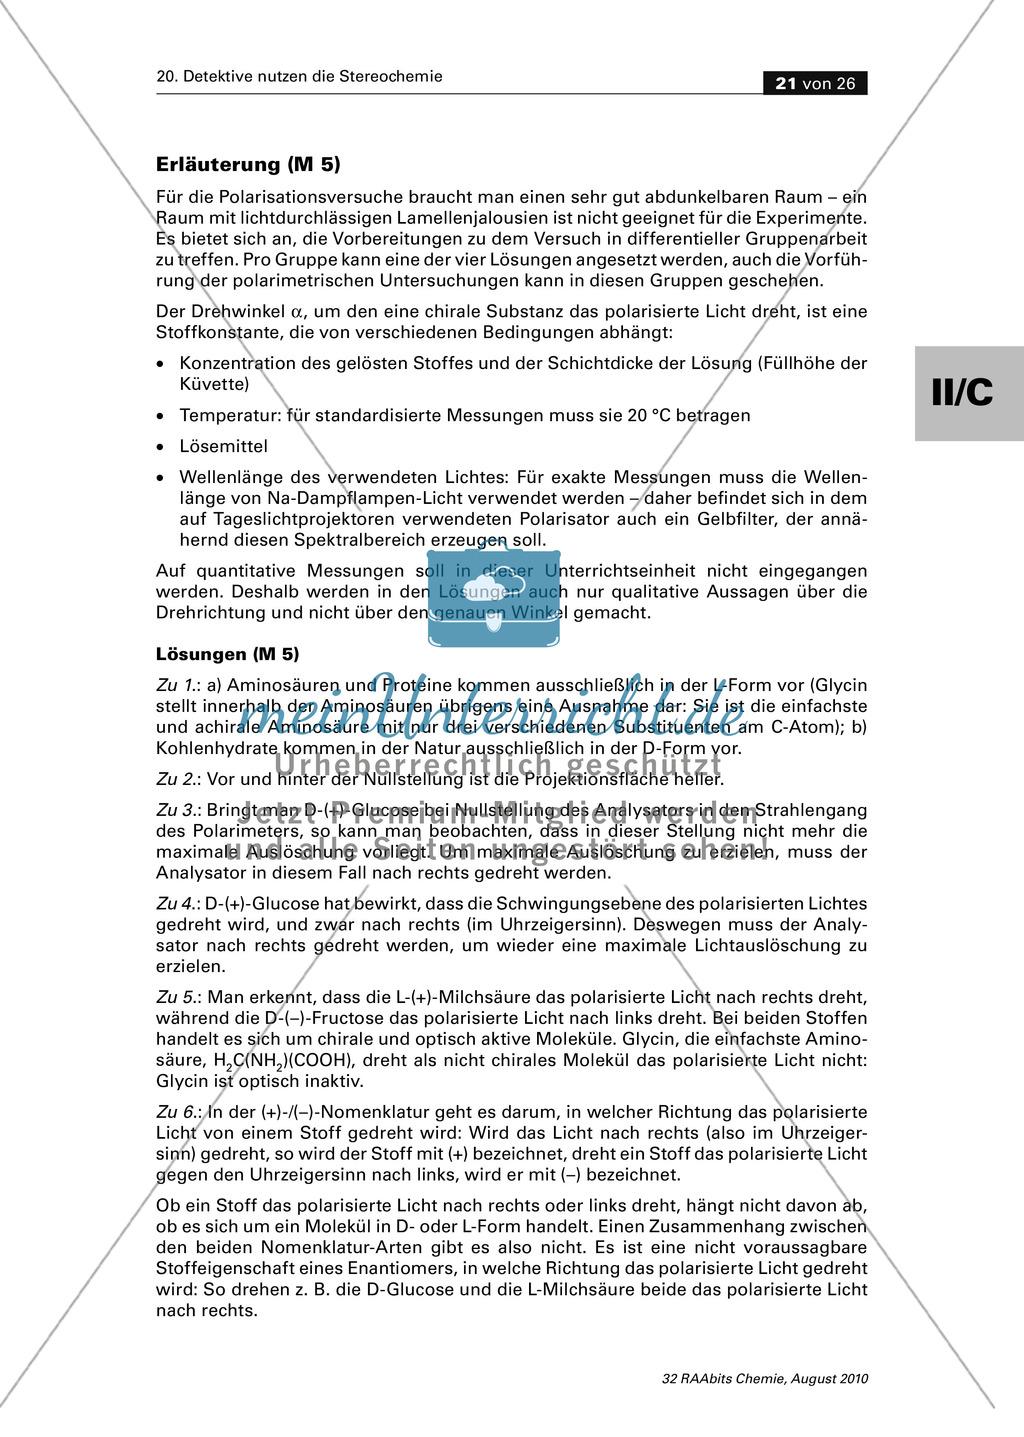 Die Stereochemie im spannenden Kontext: Aufklärung eines fiktiven Todesfalls durch L-(+)-Muscarin (Fliegenpilze) Preview 16